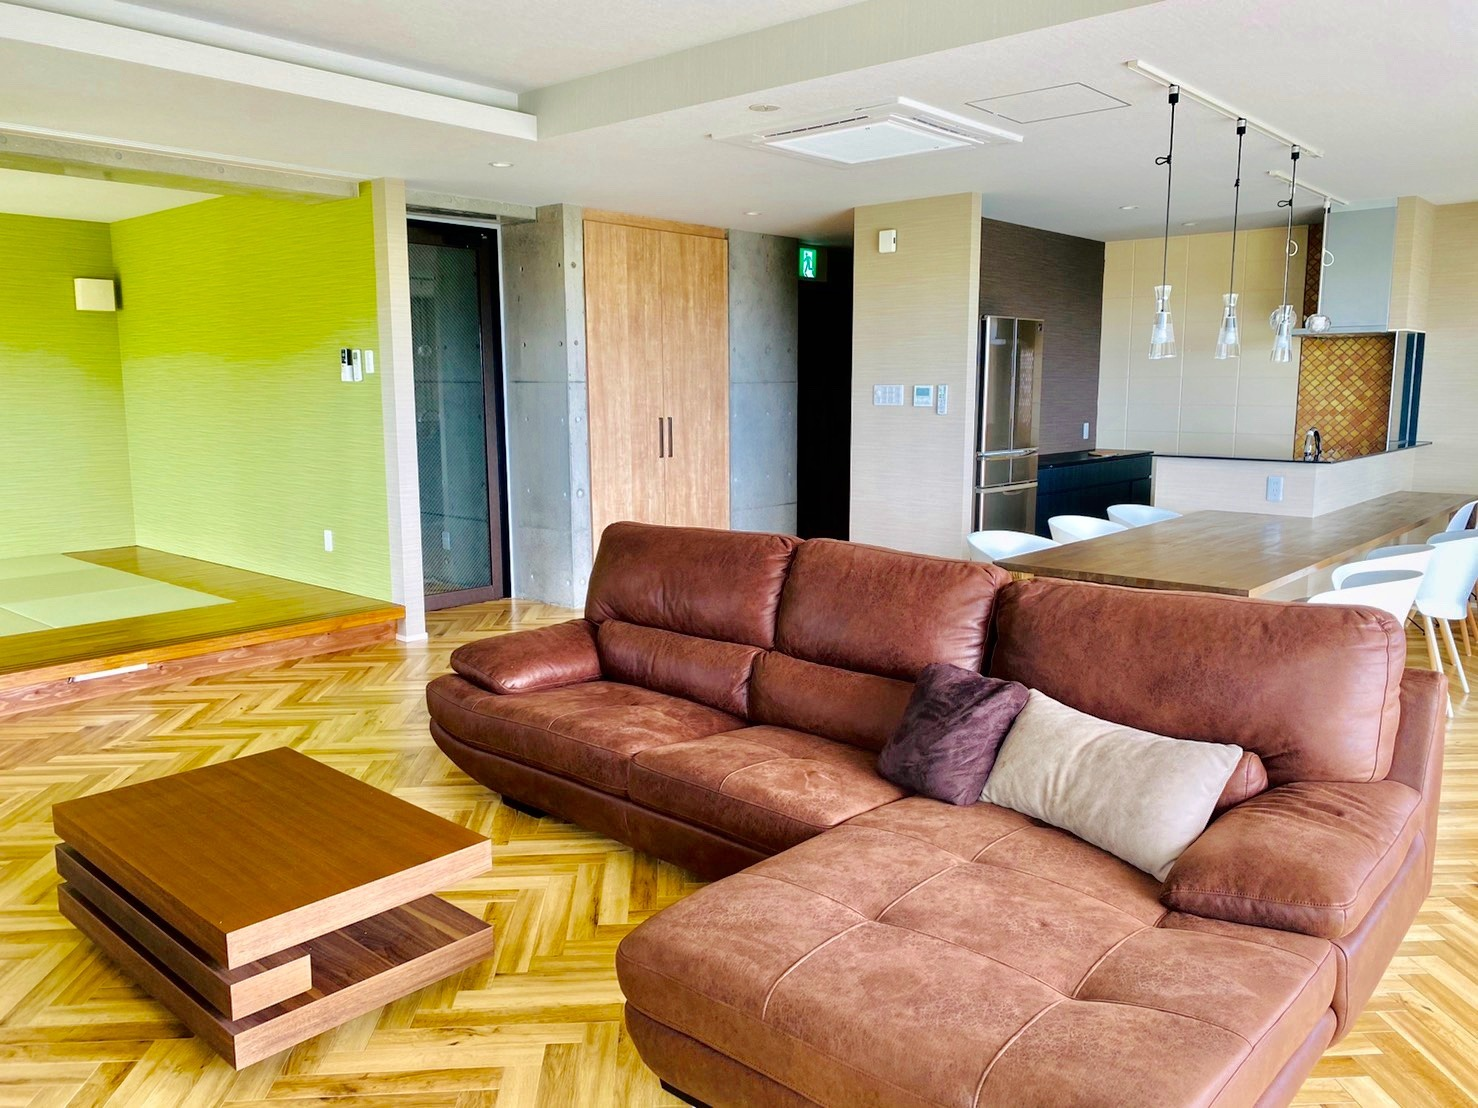 秘密の隠れ家!温水ジャグジー&琉球畳和室完備!3F秋のお部屋